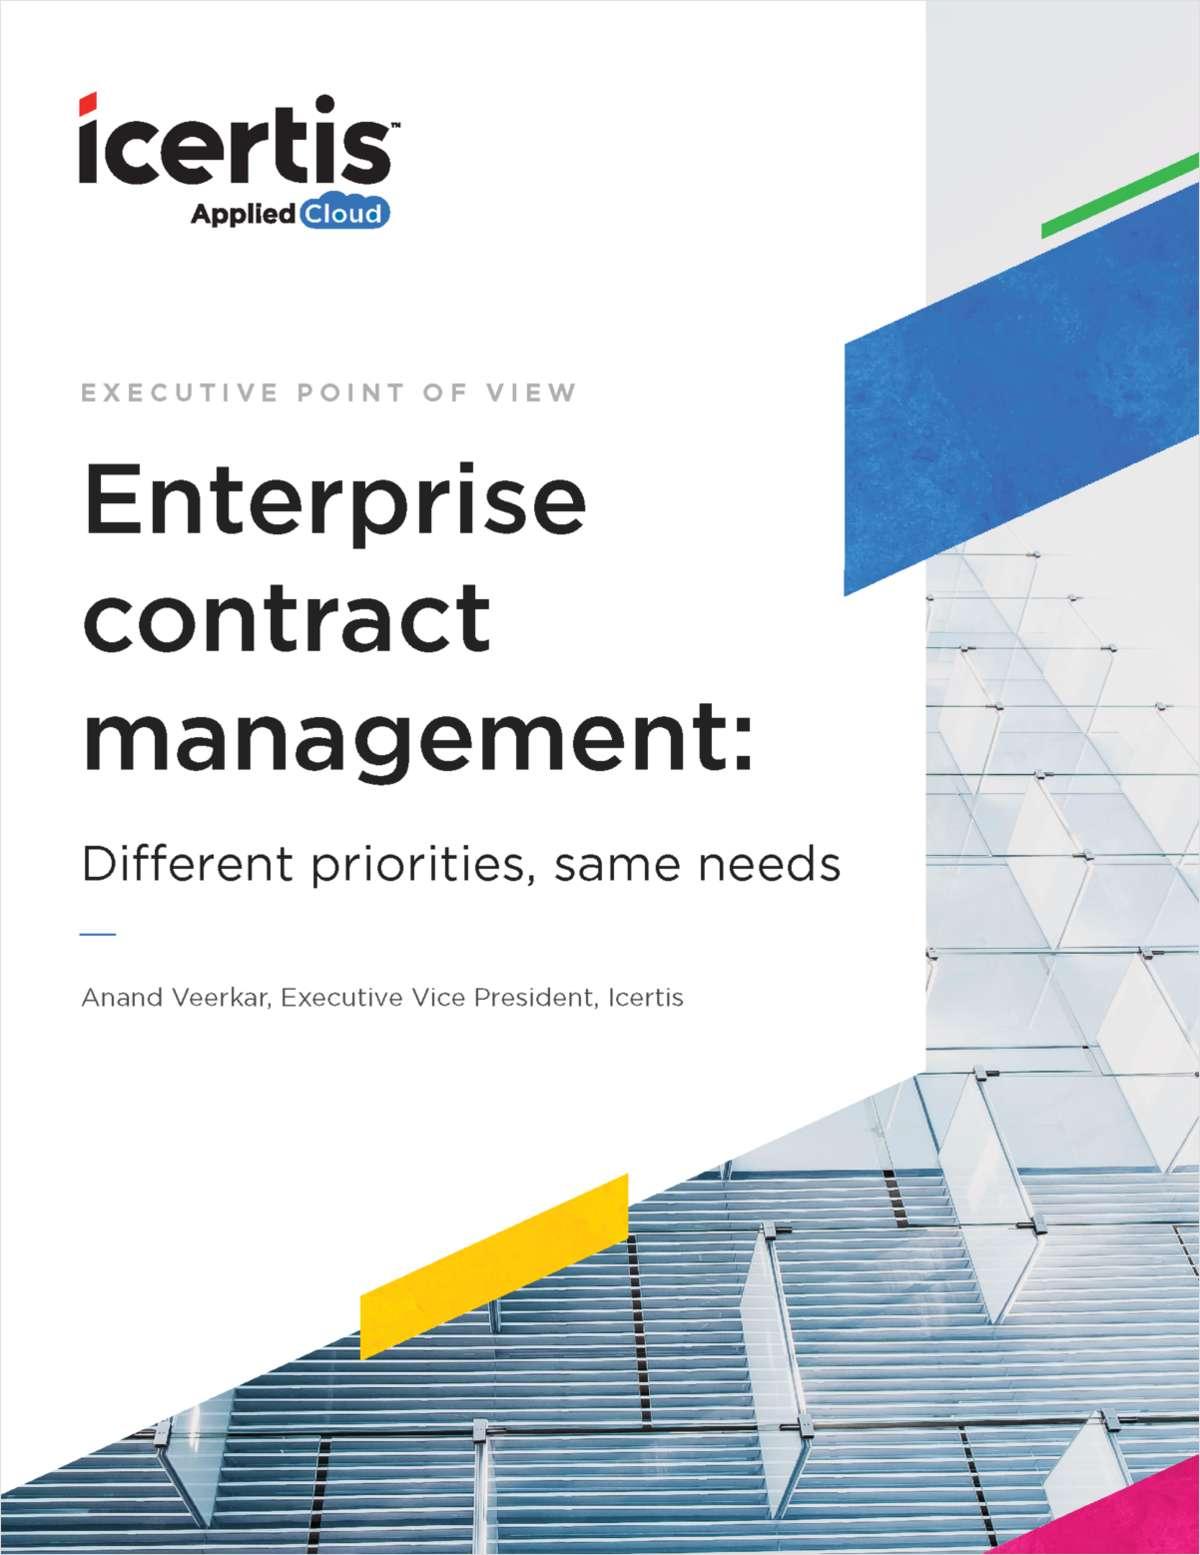 Enterprise Contract Management: A C-Suite Round Table